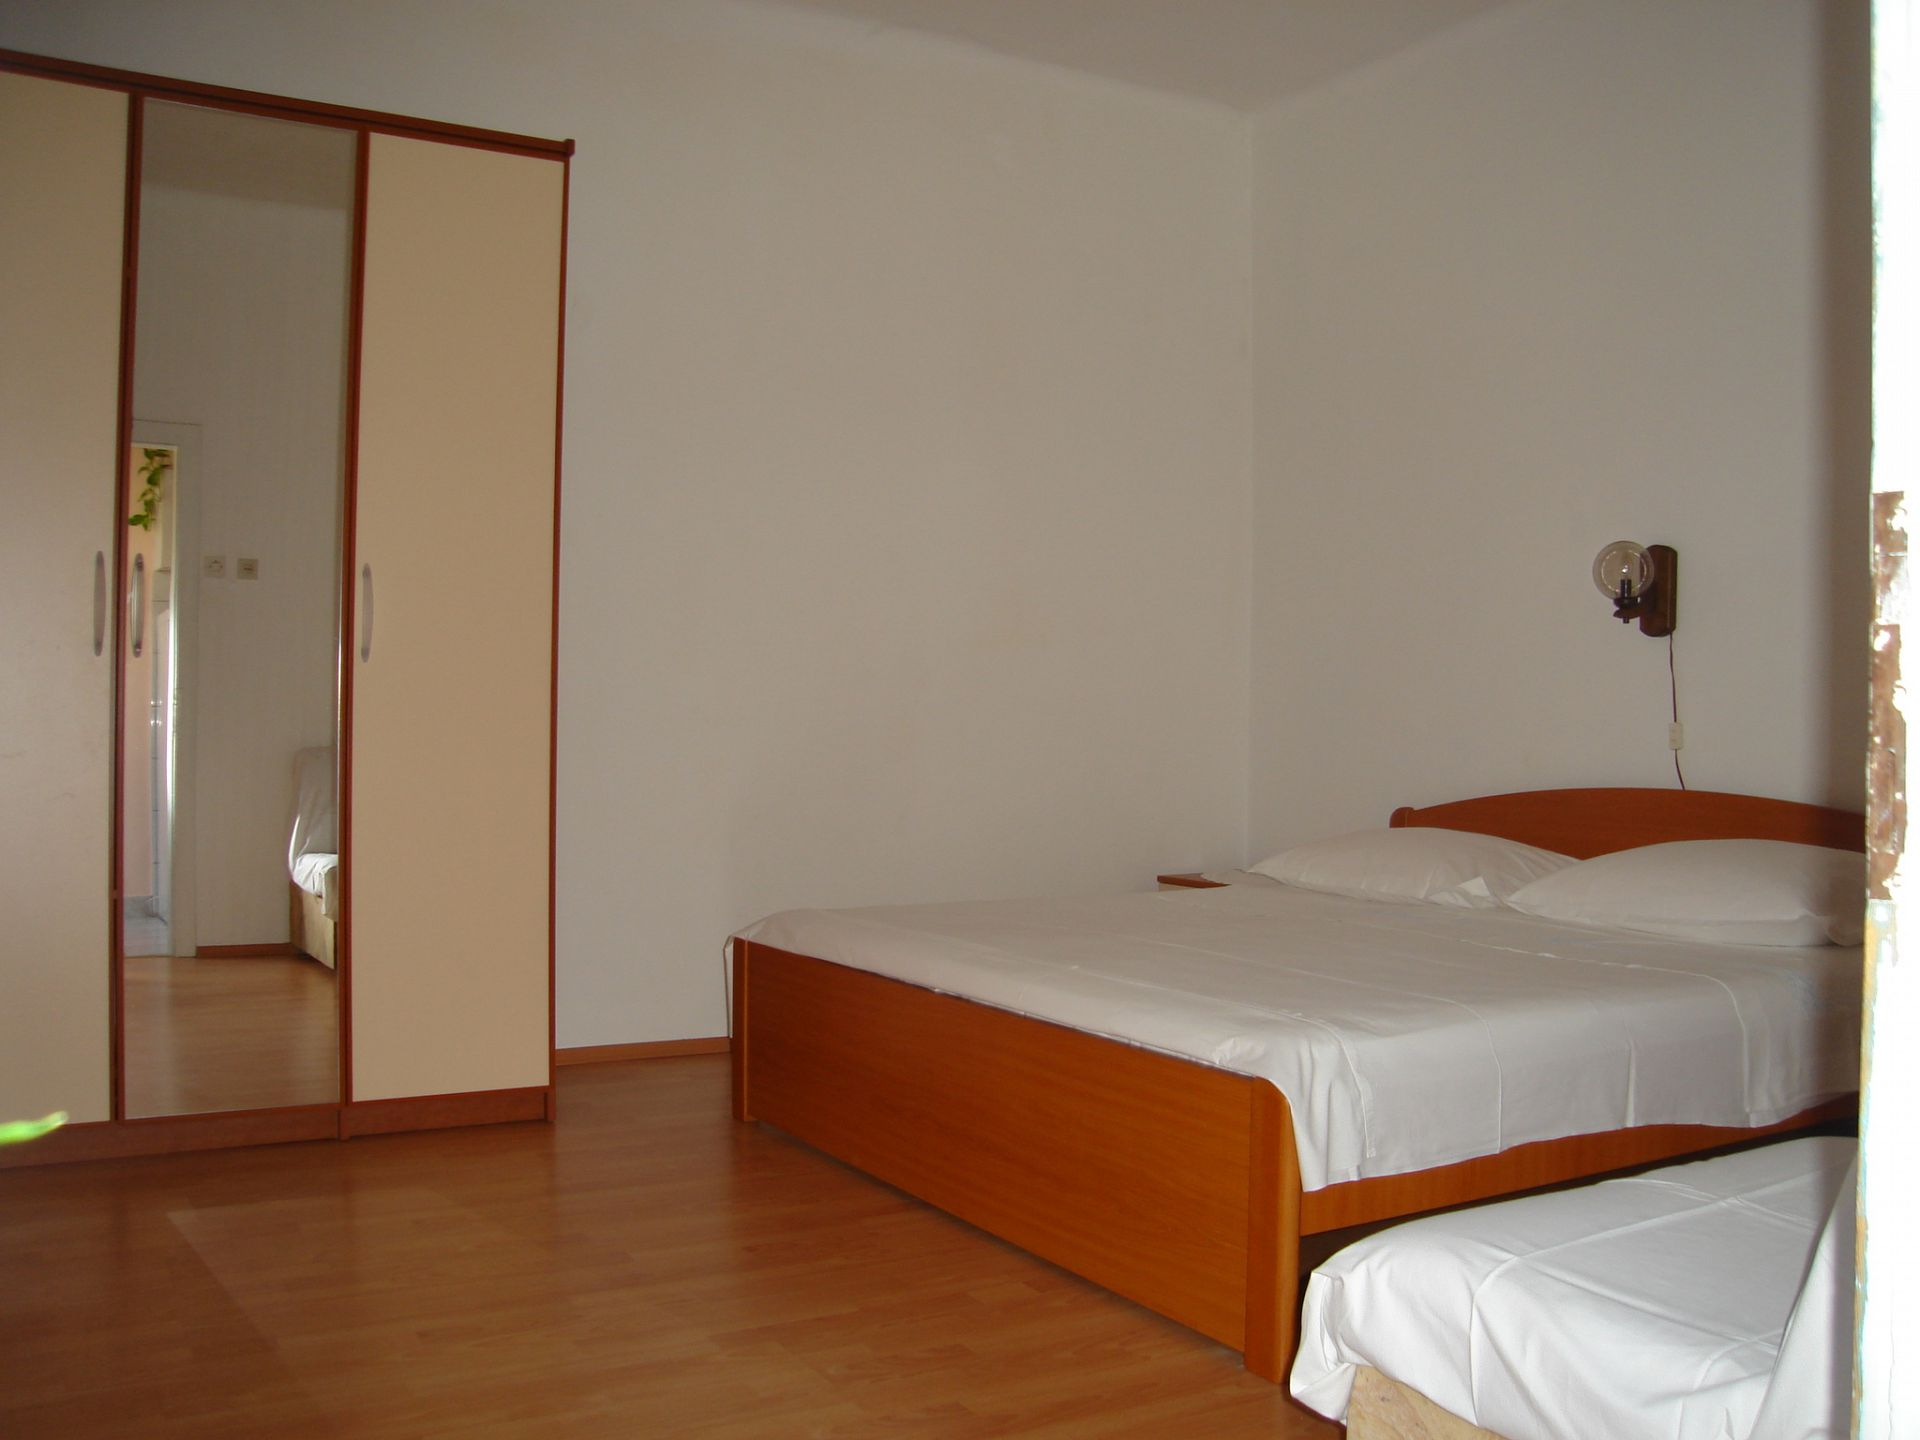 Ferienhaus Smi H1(4+1) - Sucuraj (742077), Sucuraj, Insel Hvar, Dalmatien, Kroatien, Bild 8